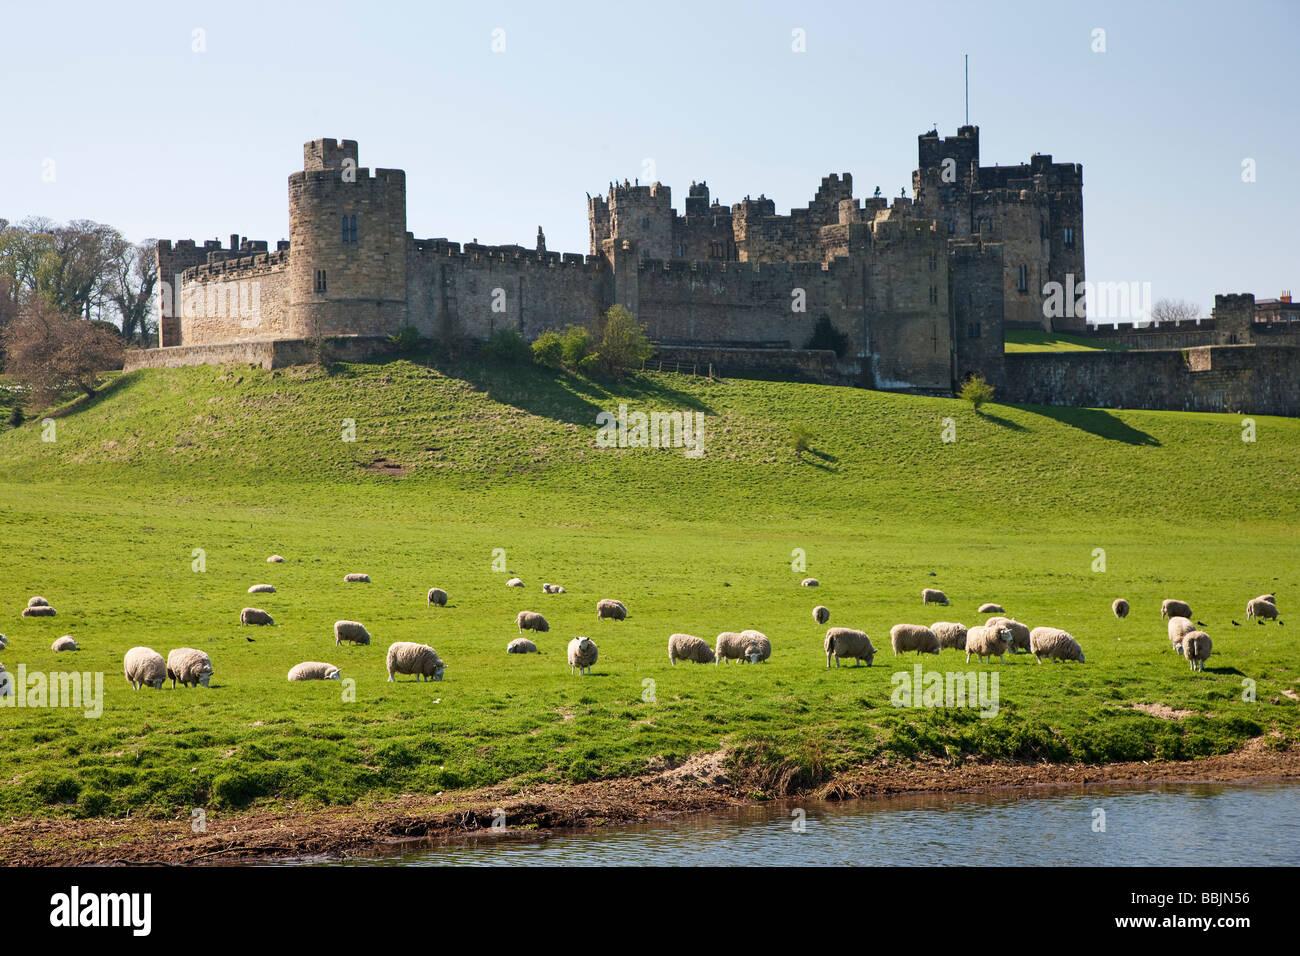 Alnwick Castle Northumberland - Stock Image